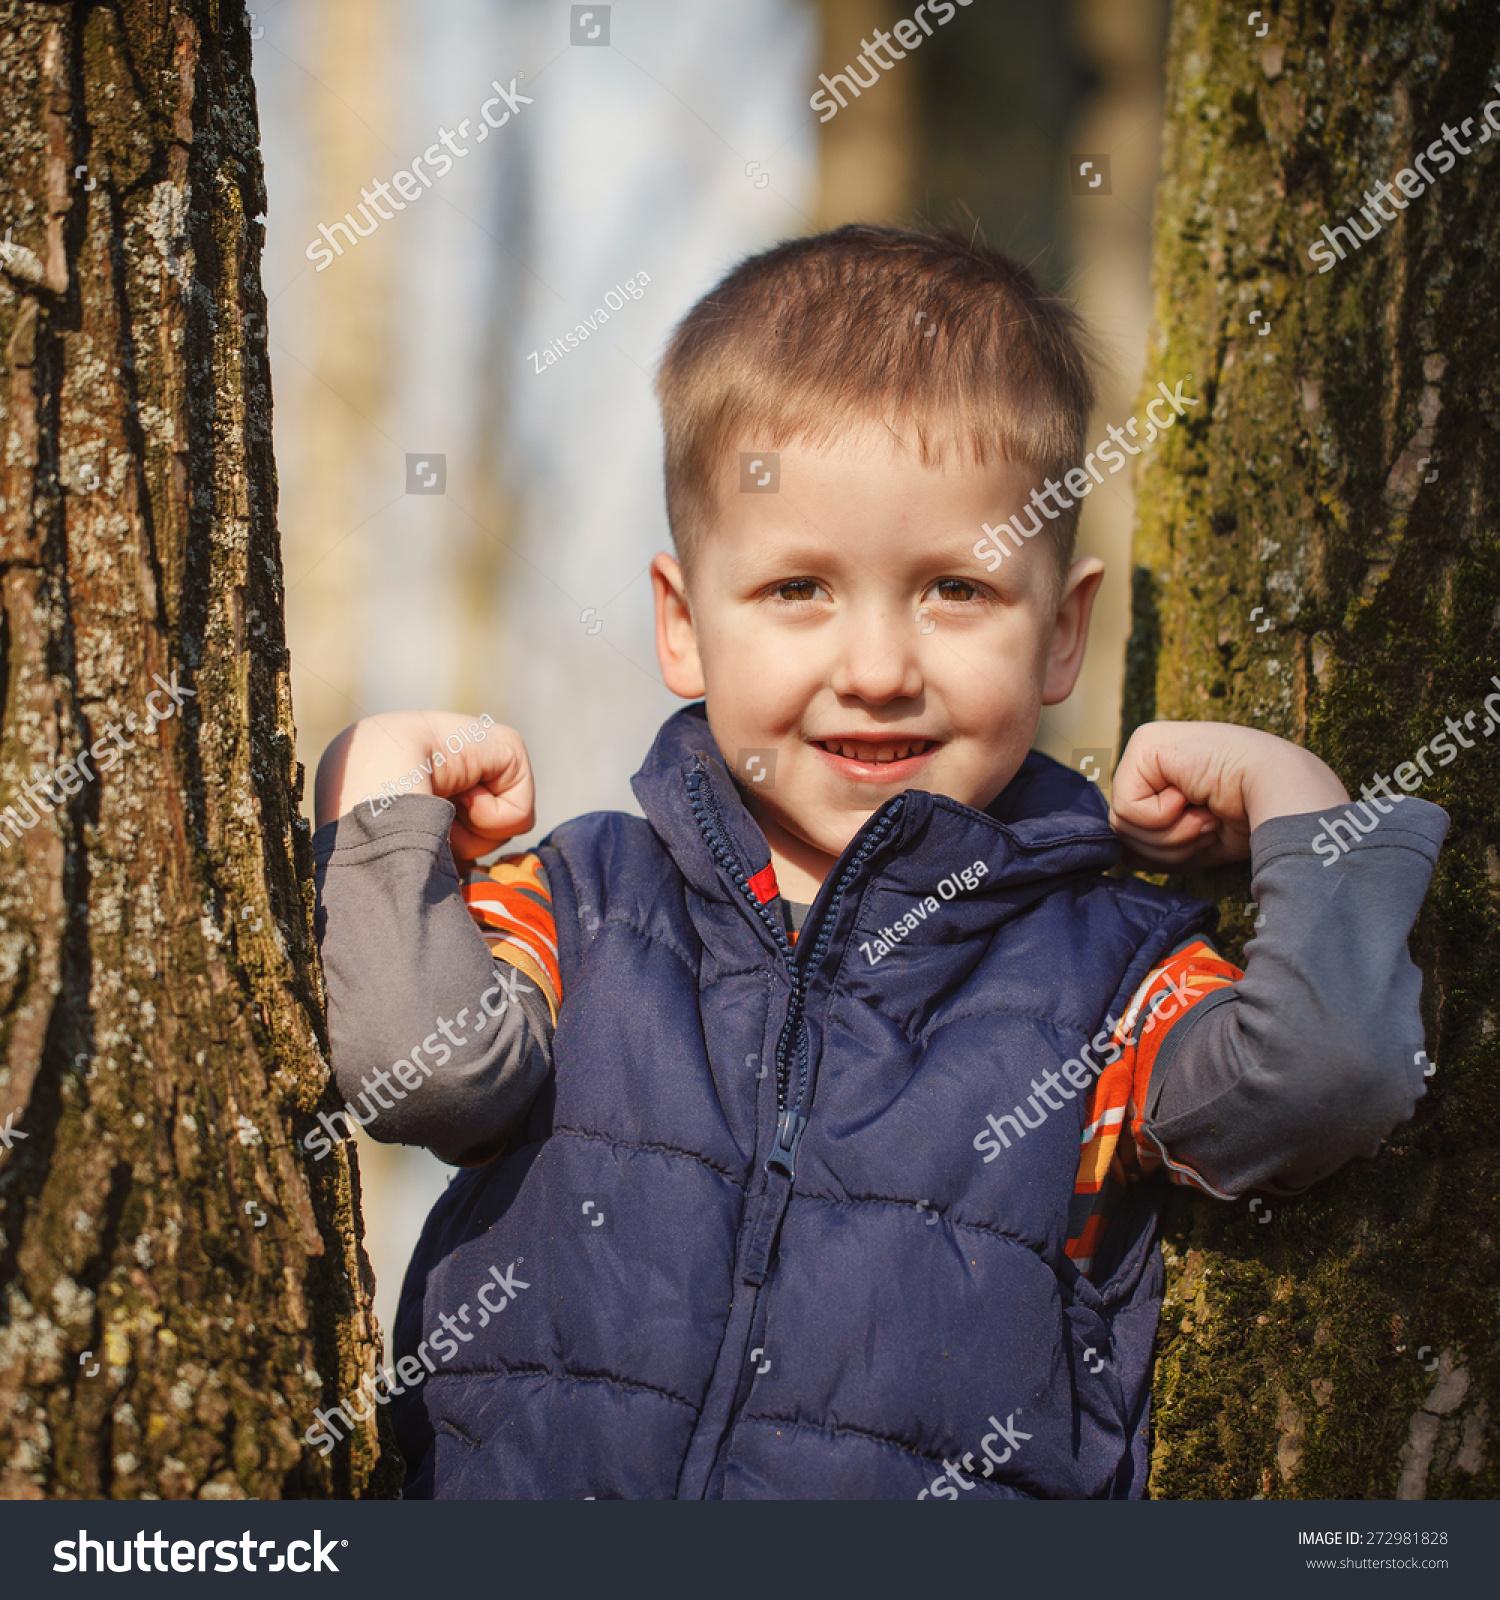 可爱的小男孩站在树在阳光明媚的春天-人物